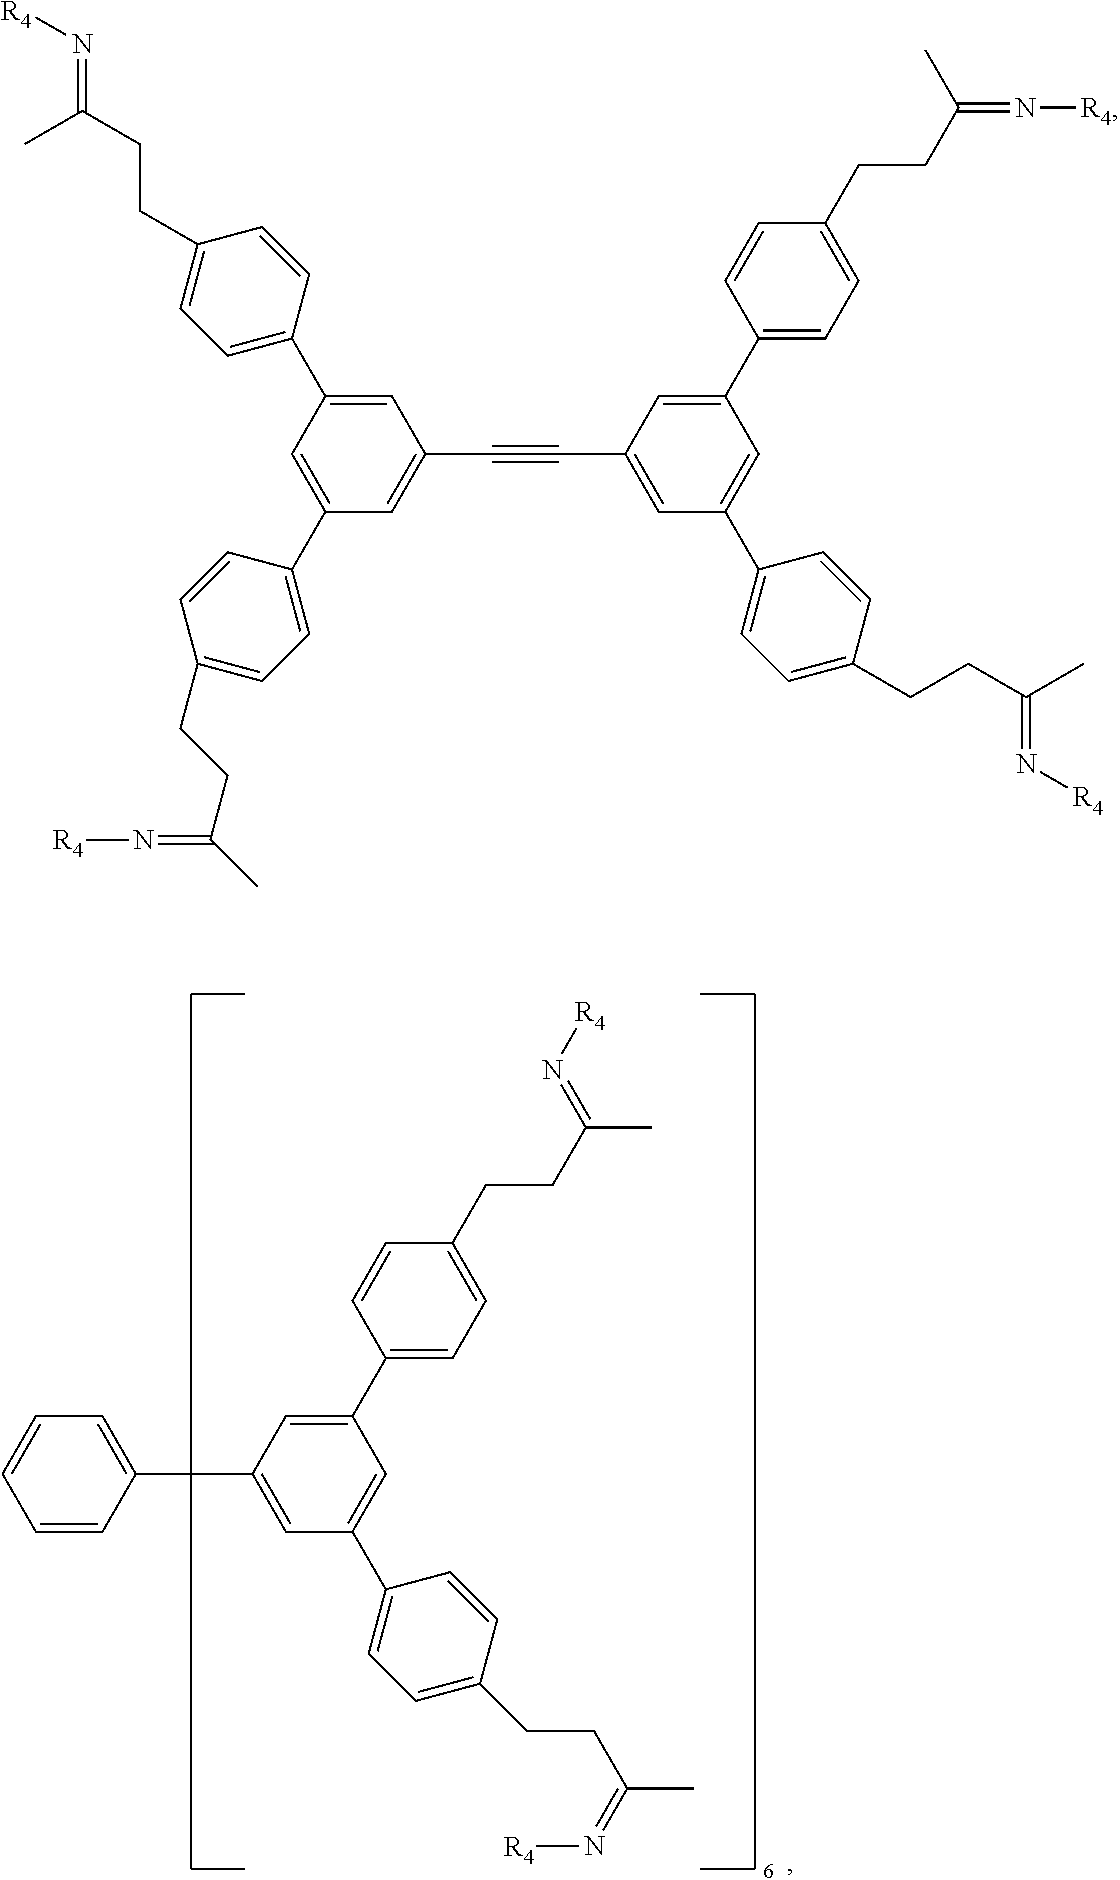 Figure US20110274713A1-20111110-C00010